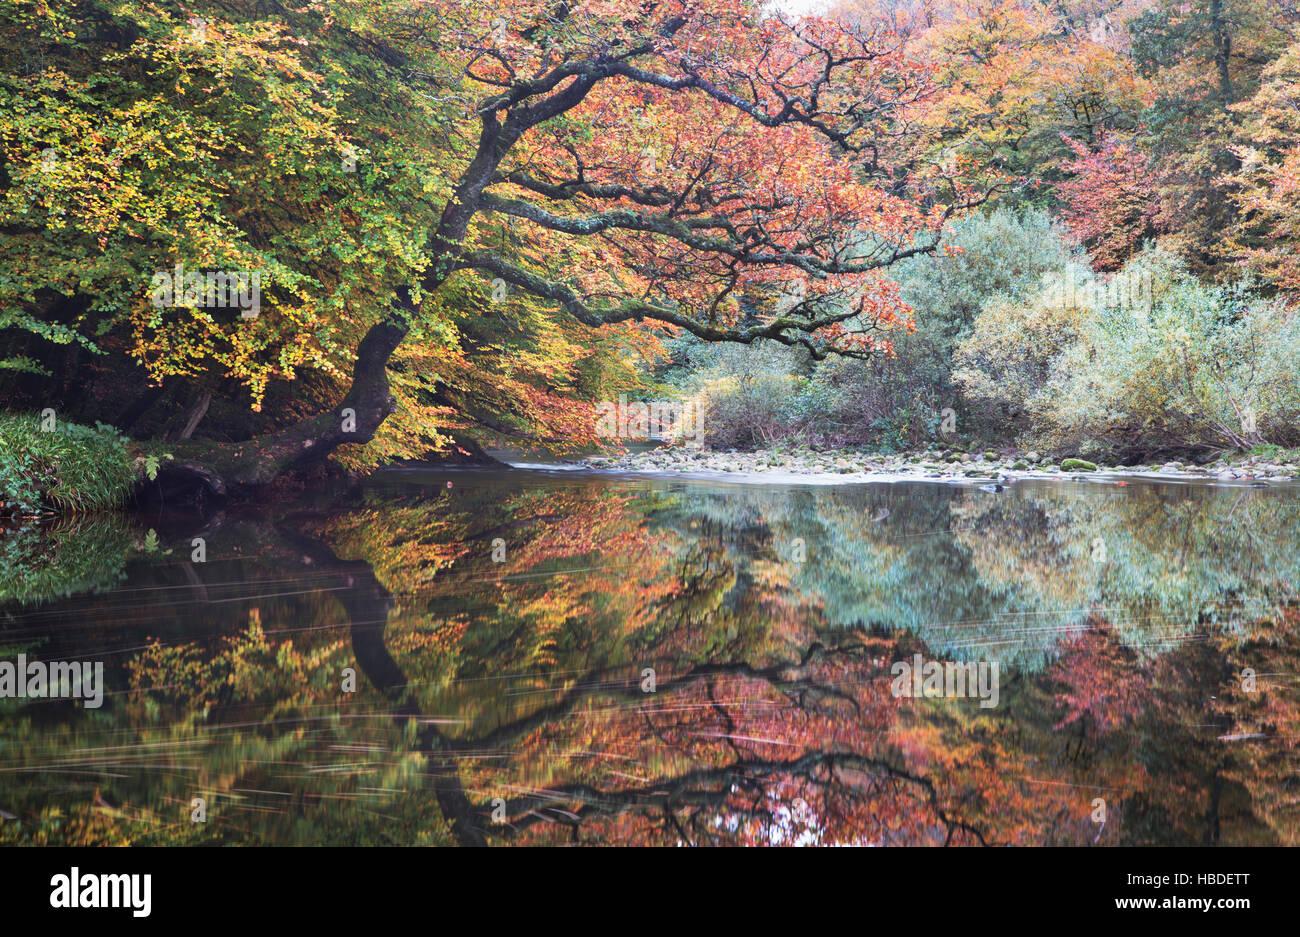 El río Dart pasando por madera Hembury en Devon, Reino Unido, con los colores de otoño en los árboles Imagen De Stock